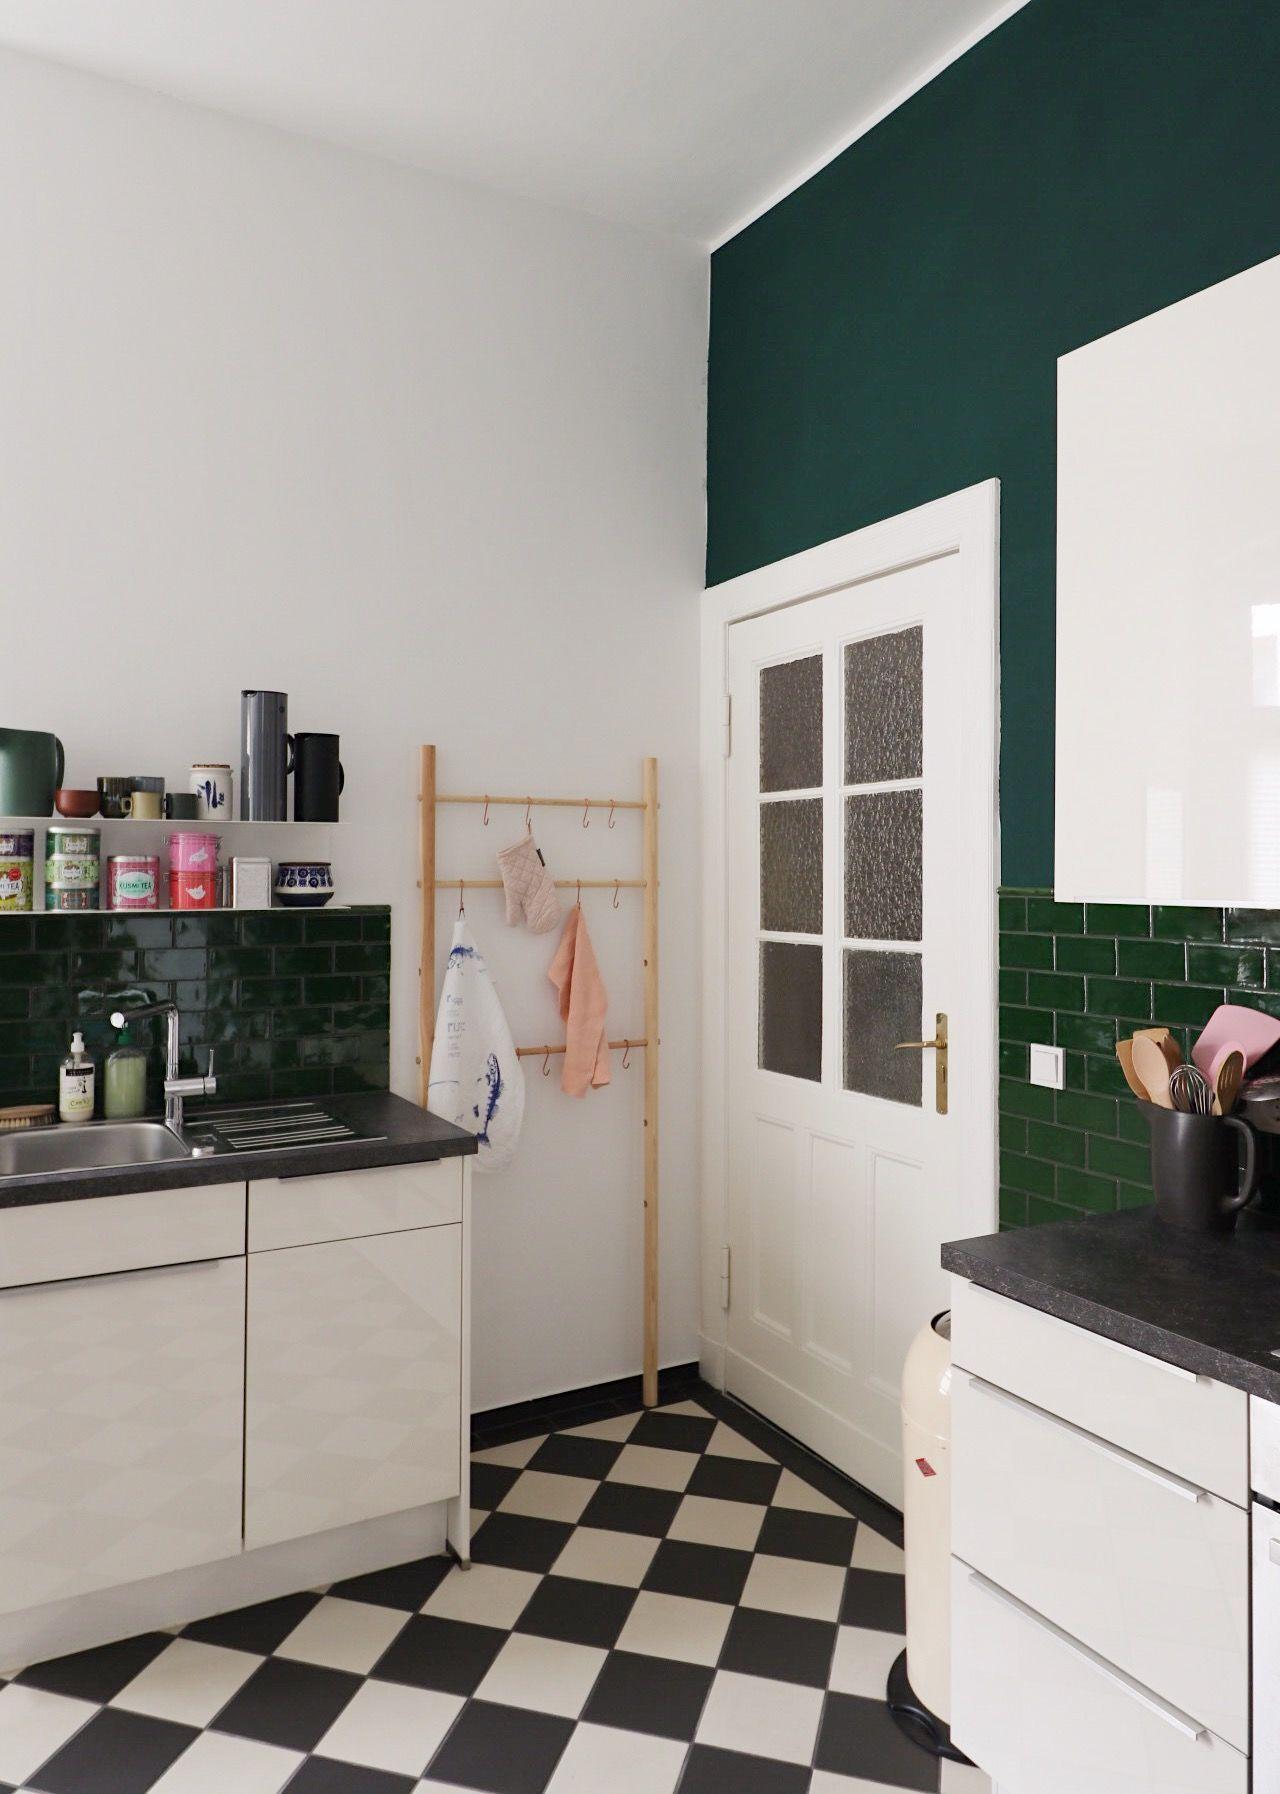 Moderne Wohnzimmerlampe Decke Wohnzimmer Kuche Grun Deko